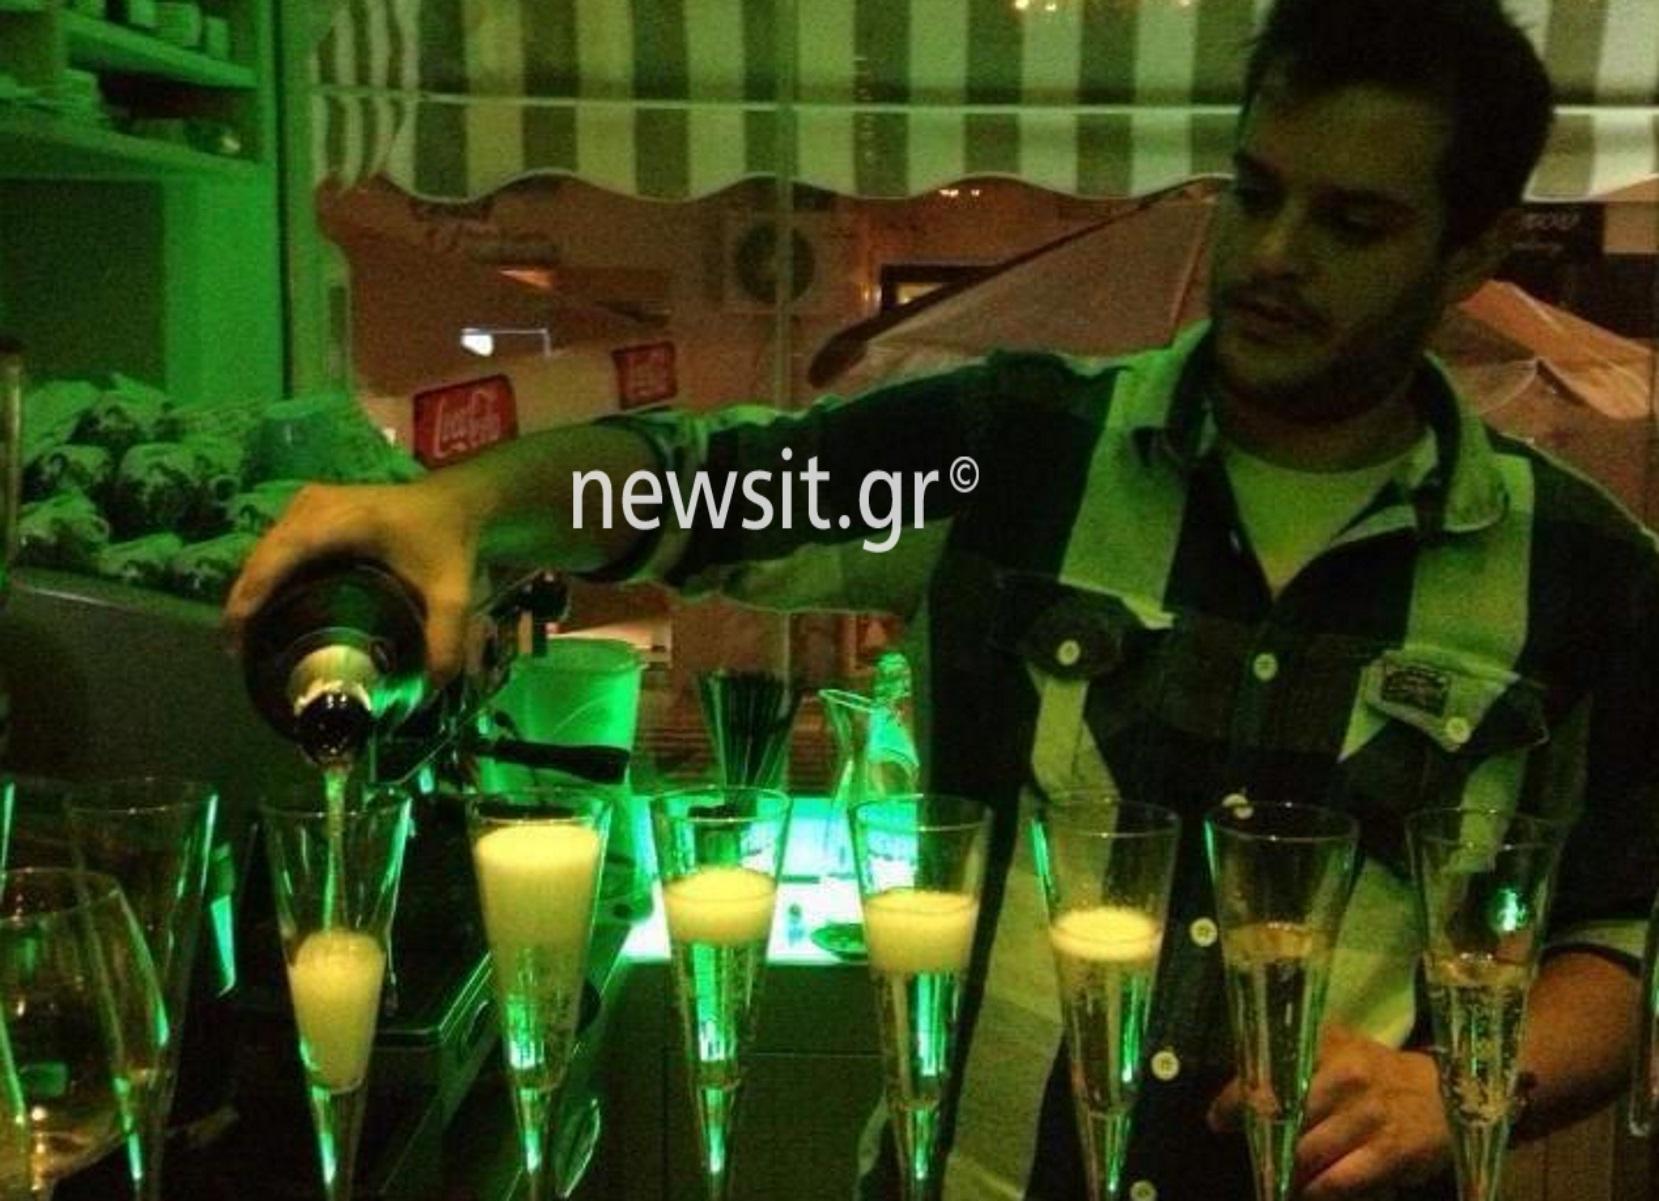 Θεσσαλονίκη – Εστίαση: «Τα παράνομα κορονοπάρτι οργιάζουν και εμείς δεν παίζουμε ούτε μουσική» (pics)